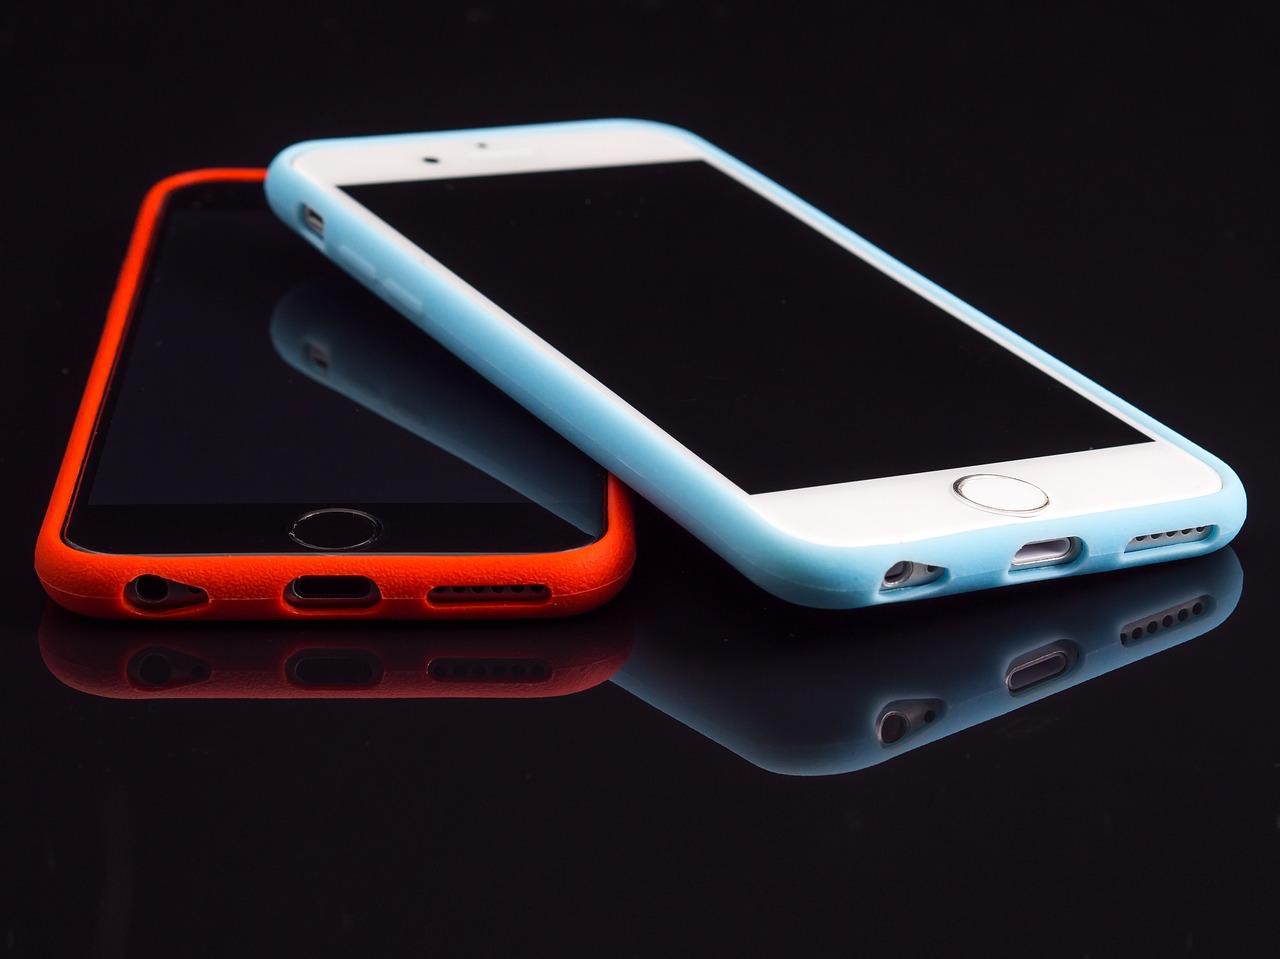 Kupujemy dziecku pierwszy telefon - jaki wybrać?